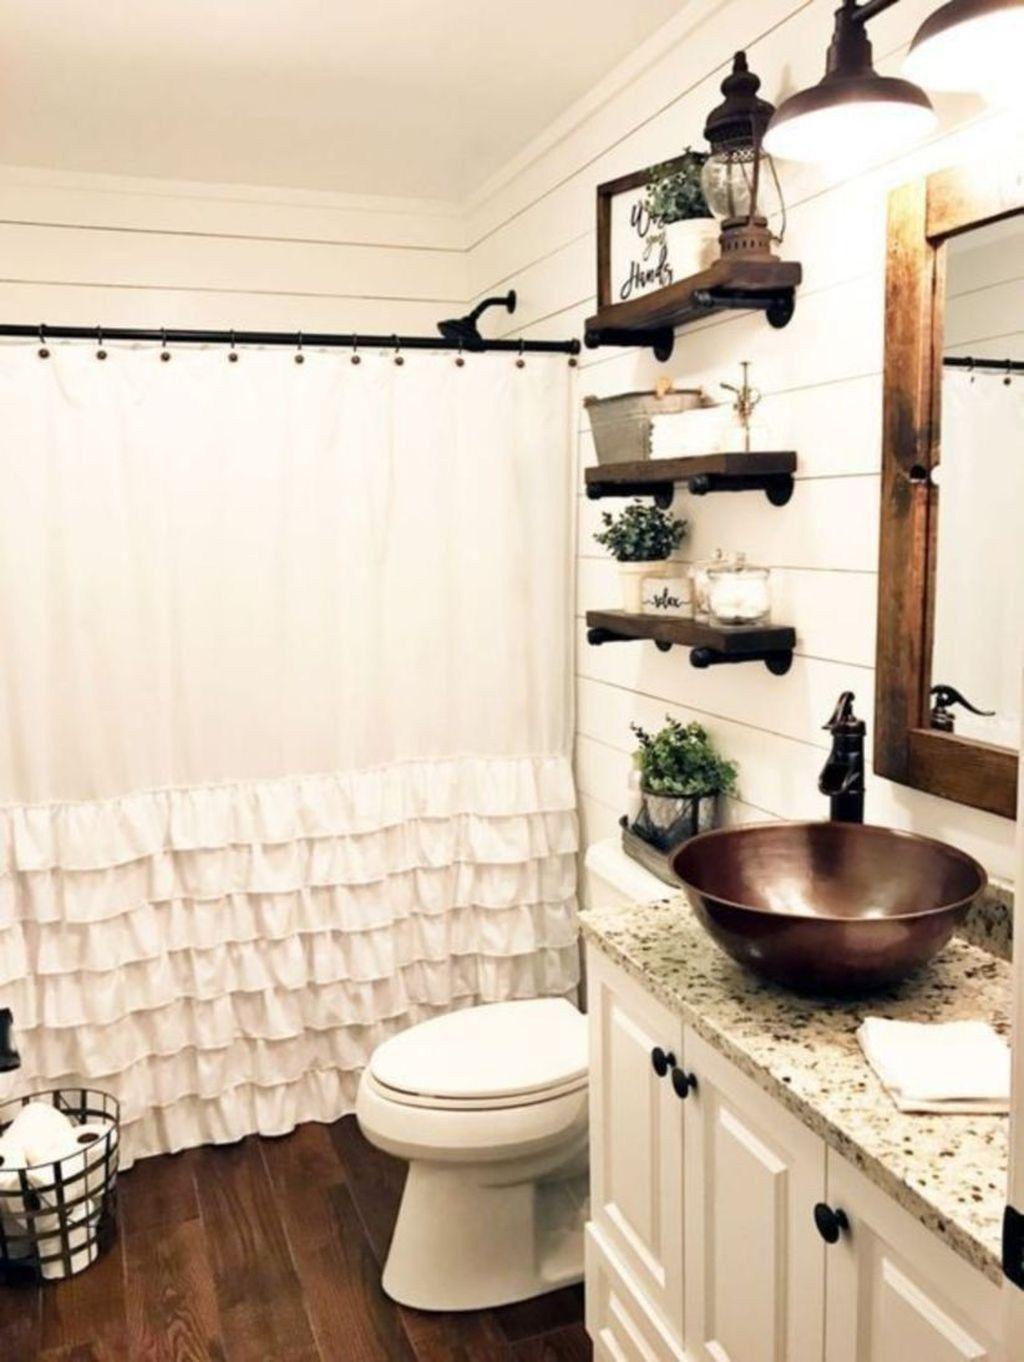 41 Stunning Rustic Farmhouse Bathroom Design Ideas Farmhouse Bathroom Decor Small Farmhouse Bathroom Small Bathroom Remodel